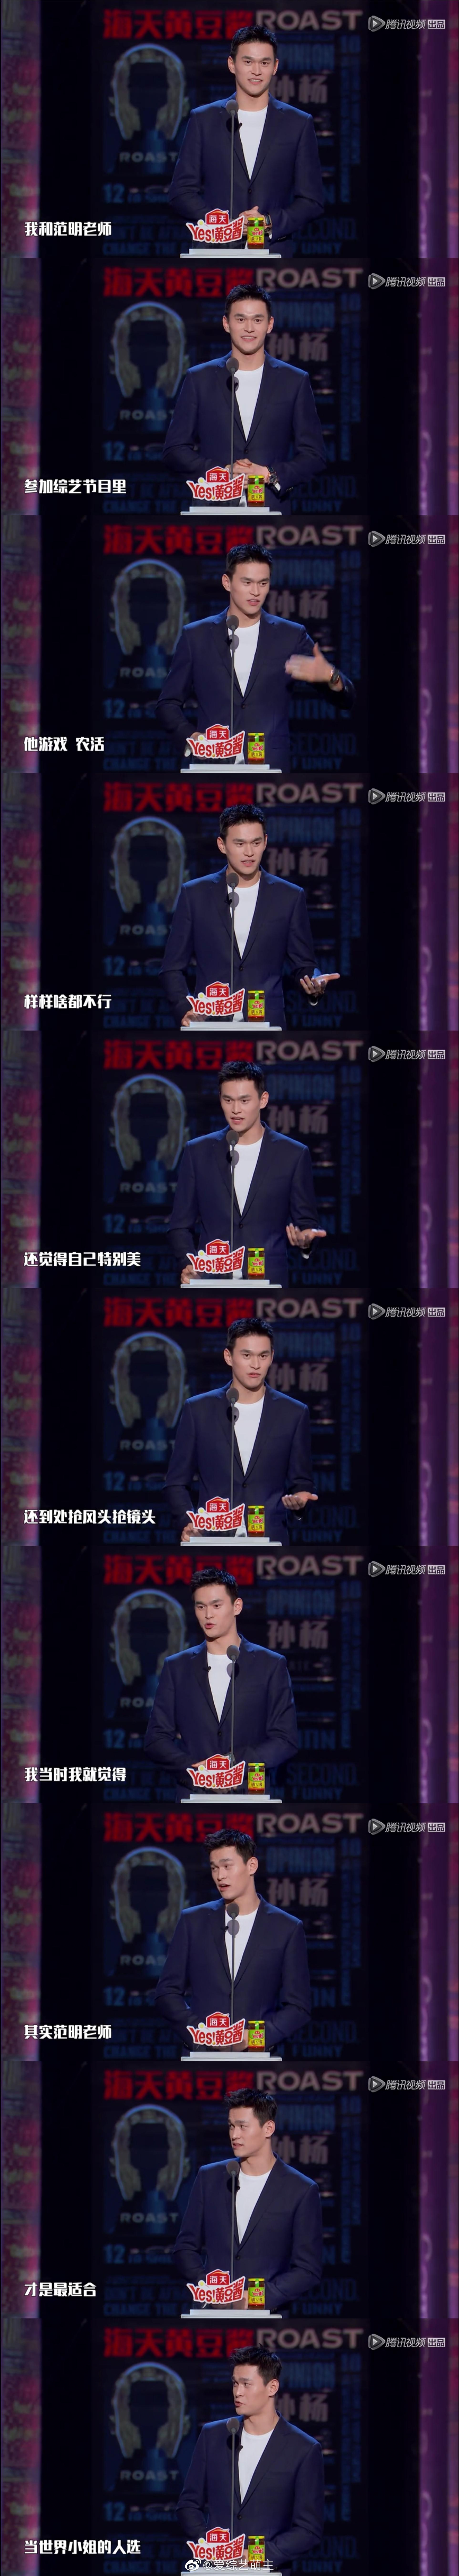 《吐槽大会》第3期抢先看:孙杨吐槽范明老师适合竞选世界小姐